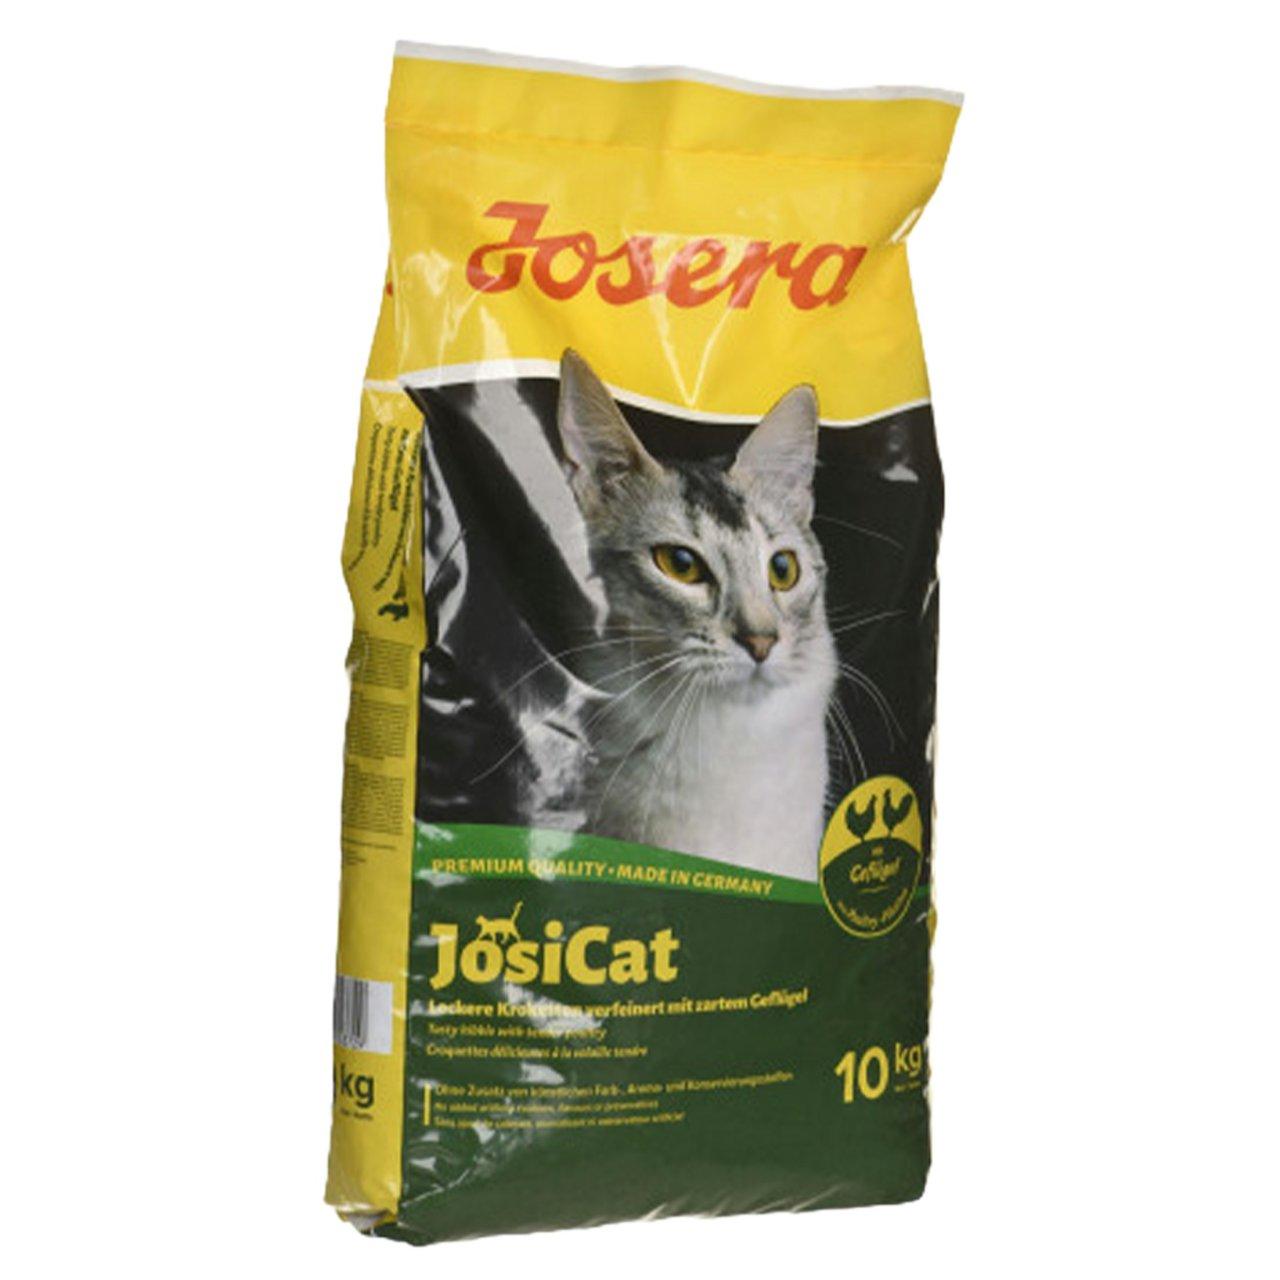 غذای خشک گربه جوسرا کد 0120 وزن 10 کیلوگرم